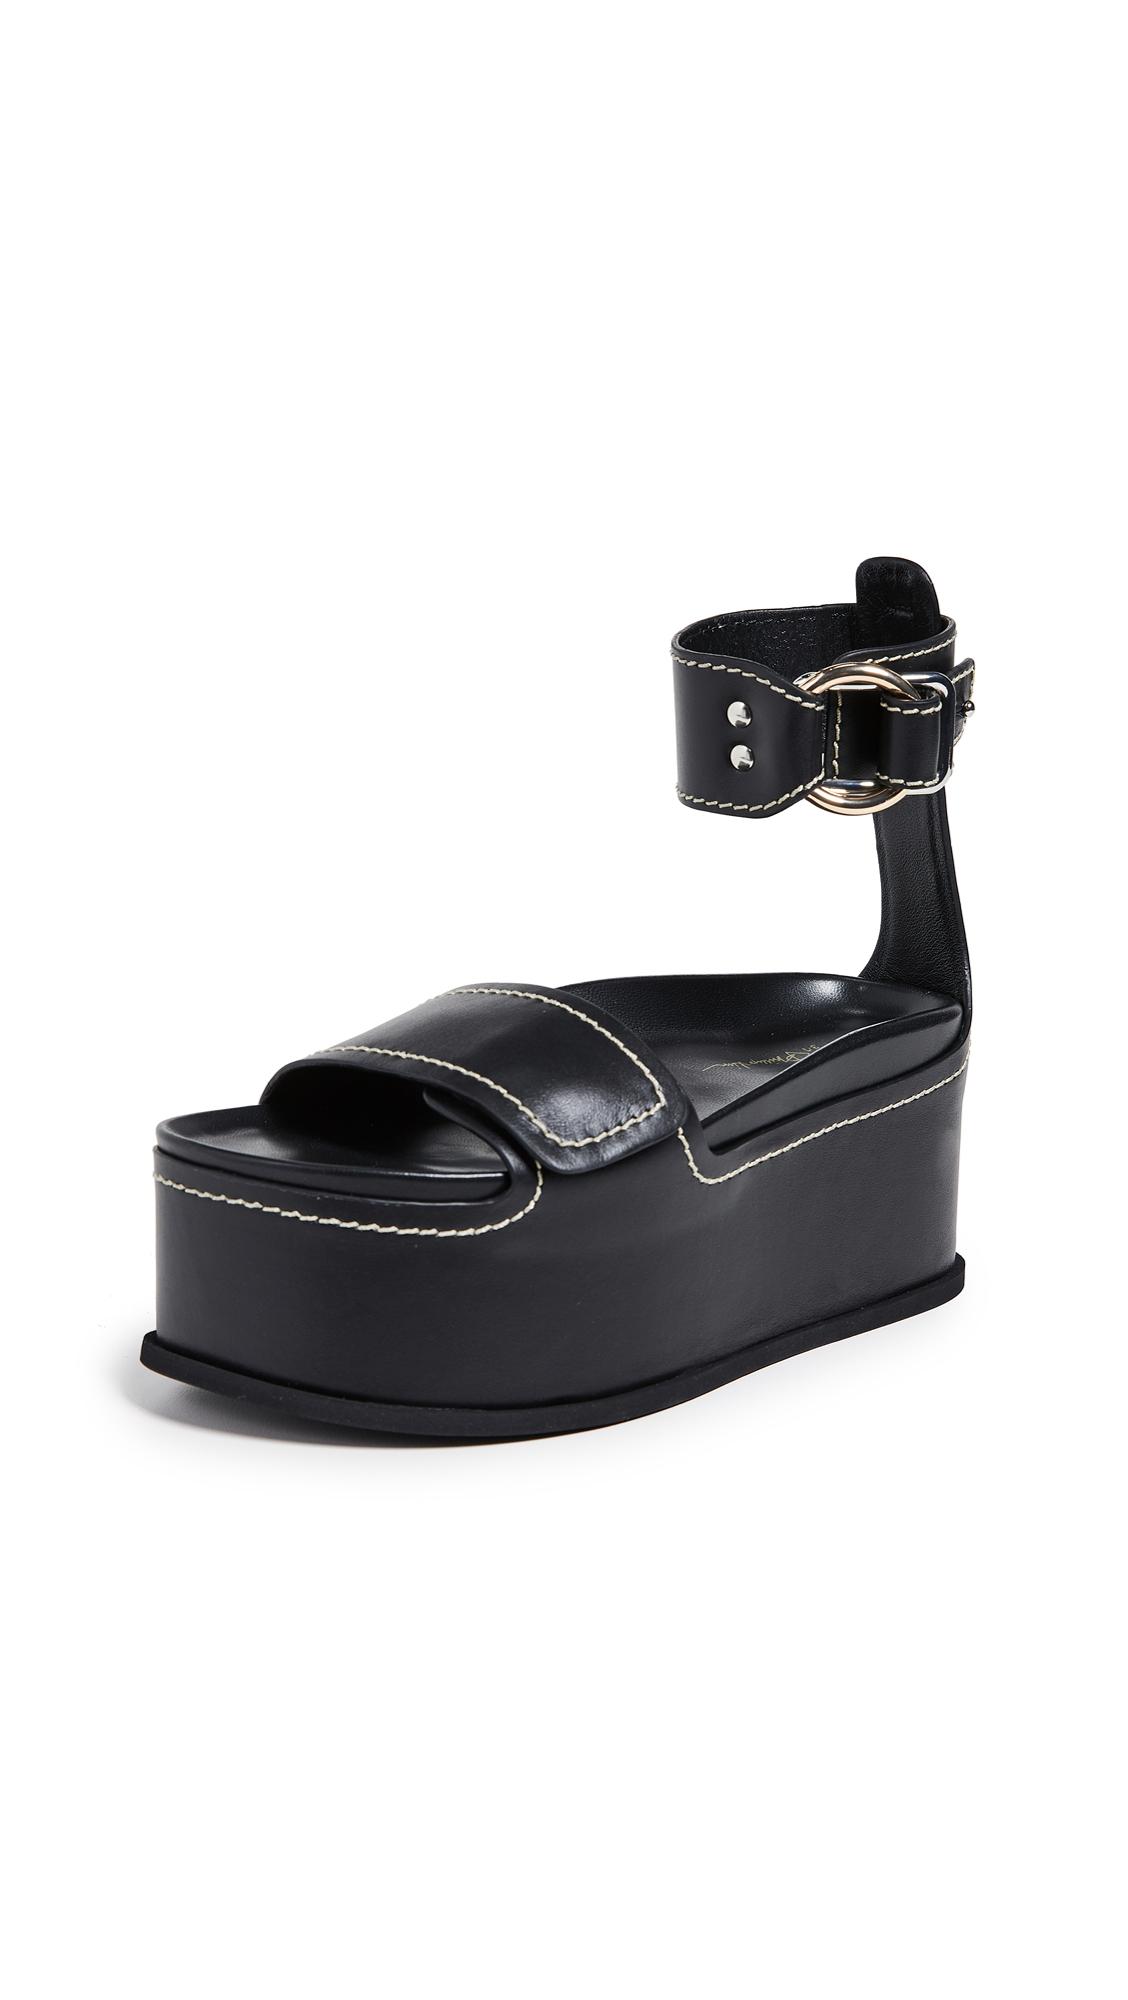 3.1 Phillip Lim Freida Platform Sandals - Black